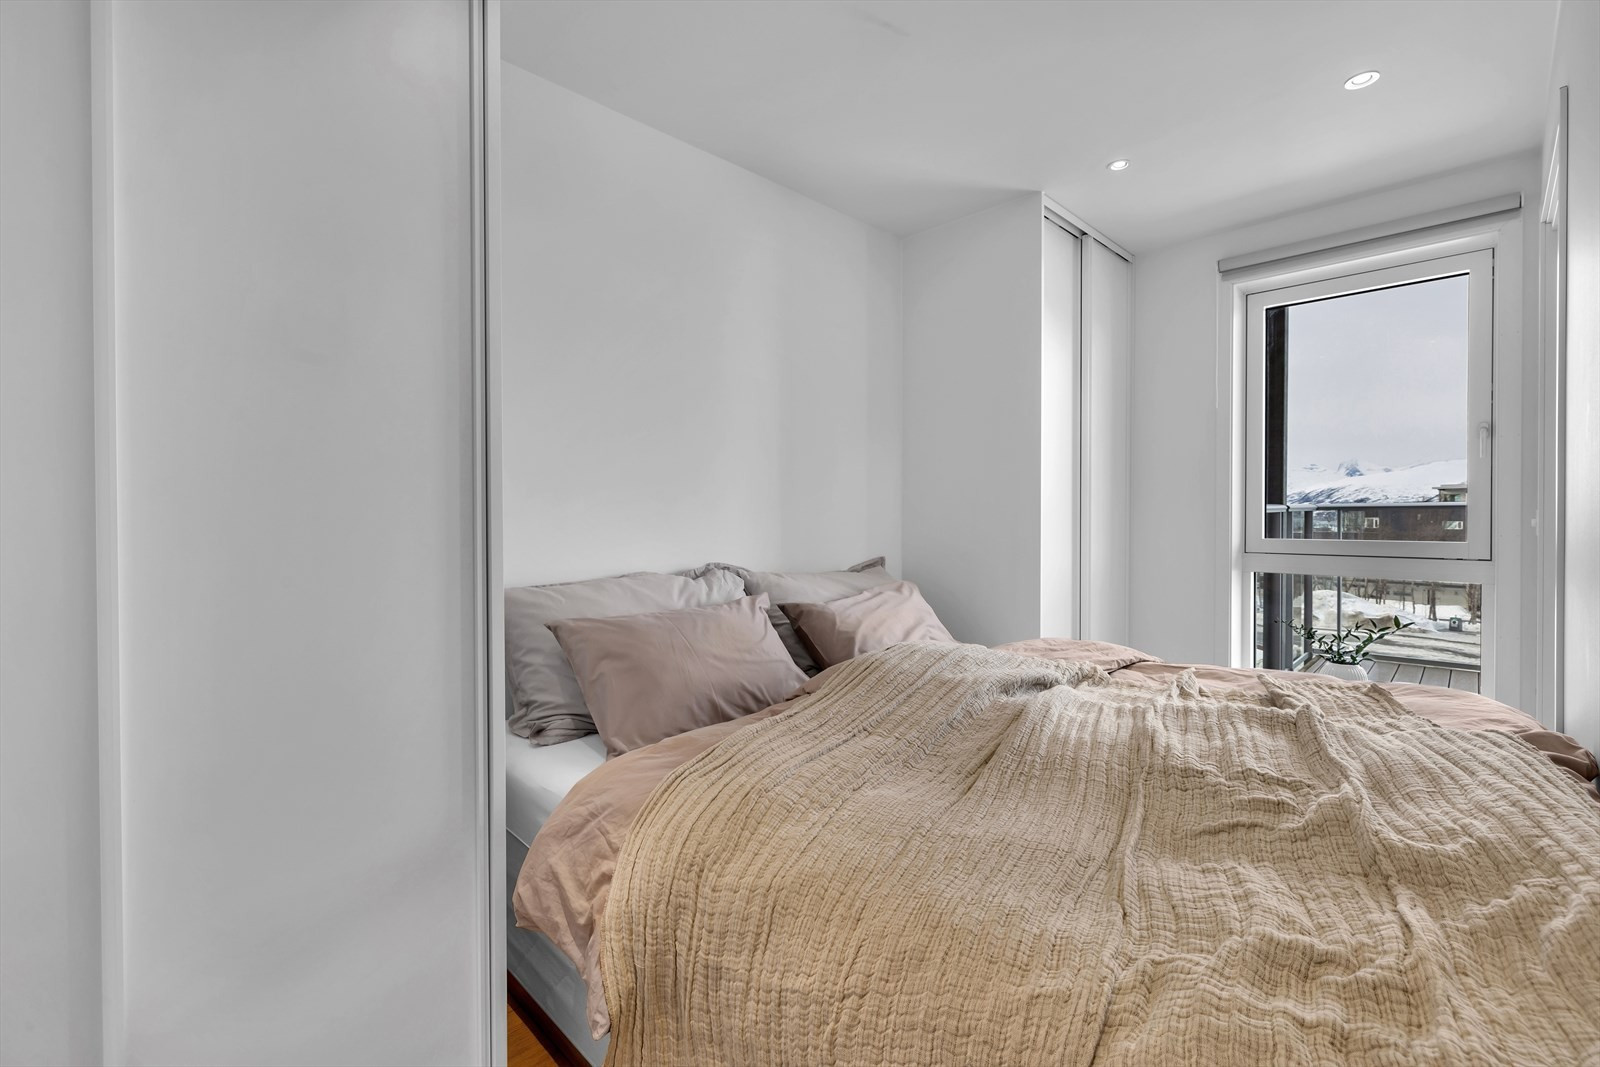 Garderober på begge sider av sengen